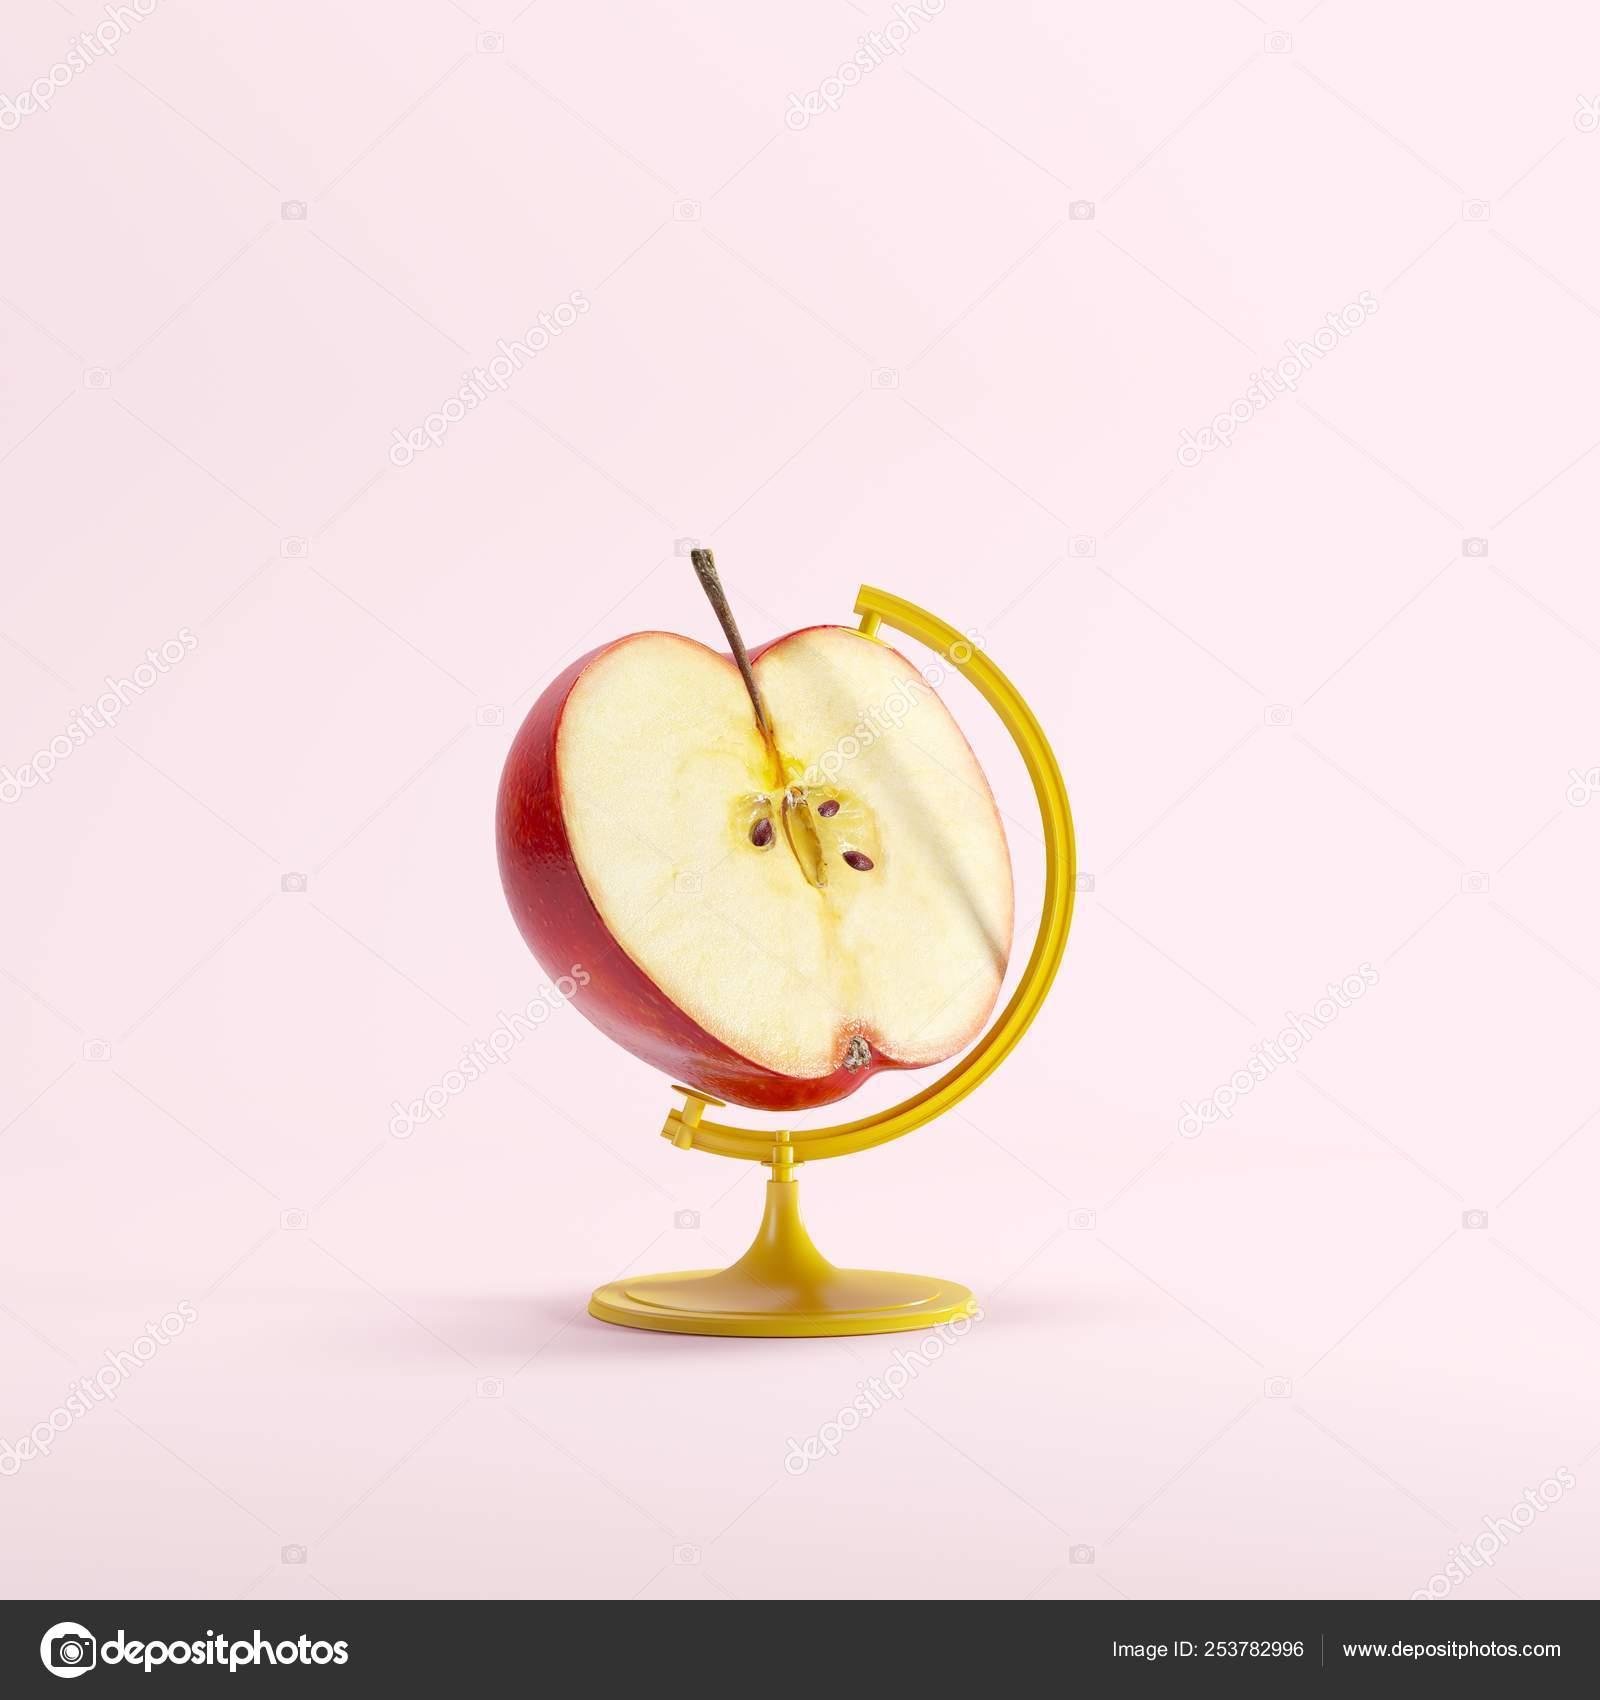 Red Half Apple Concetto Globale Idea Sfondo Pastello Colore Rosa